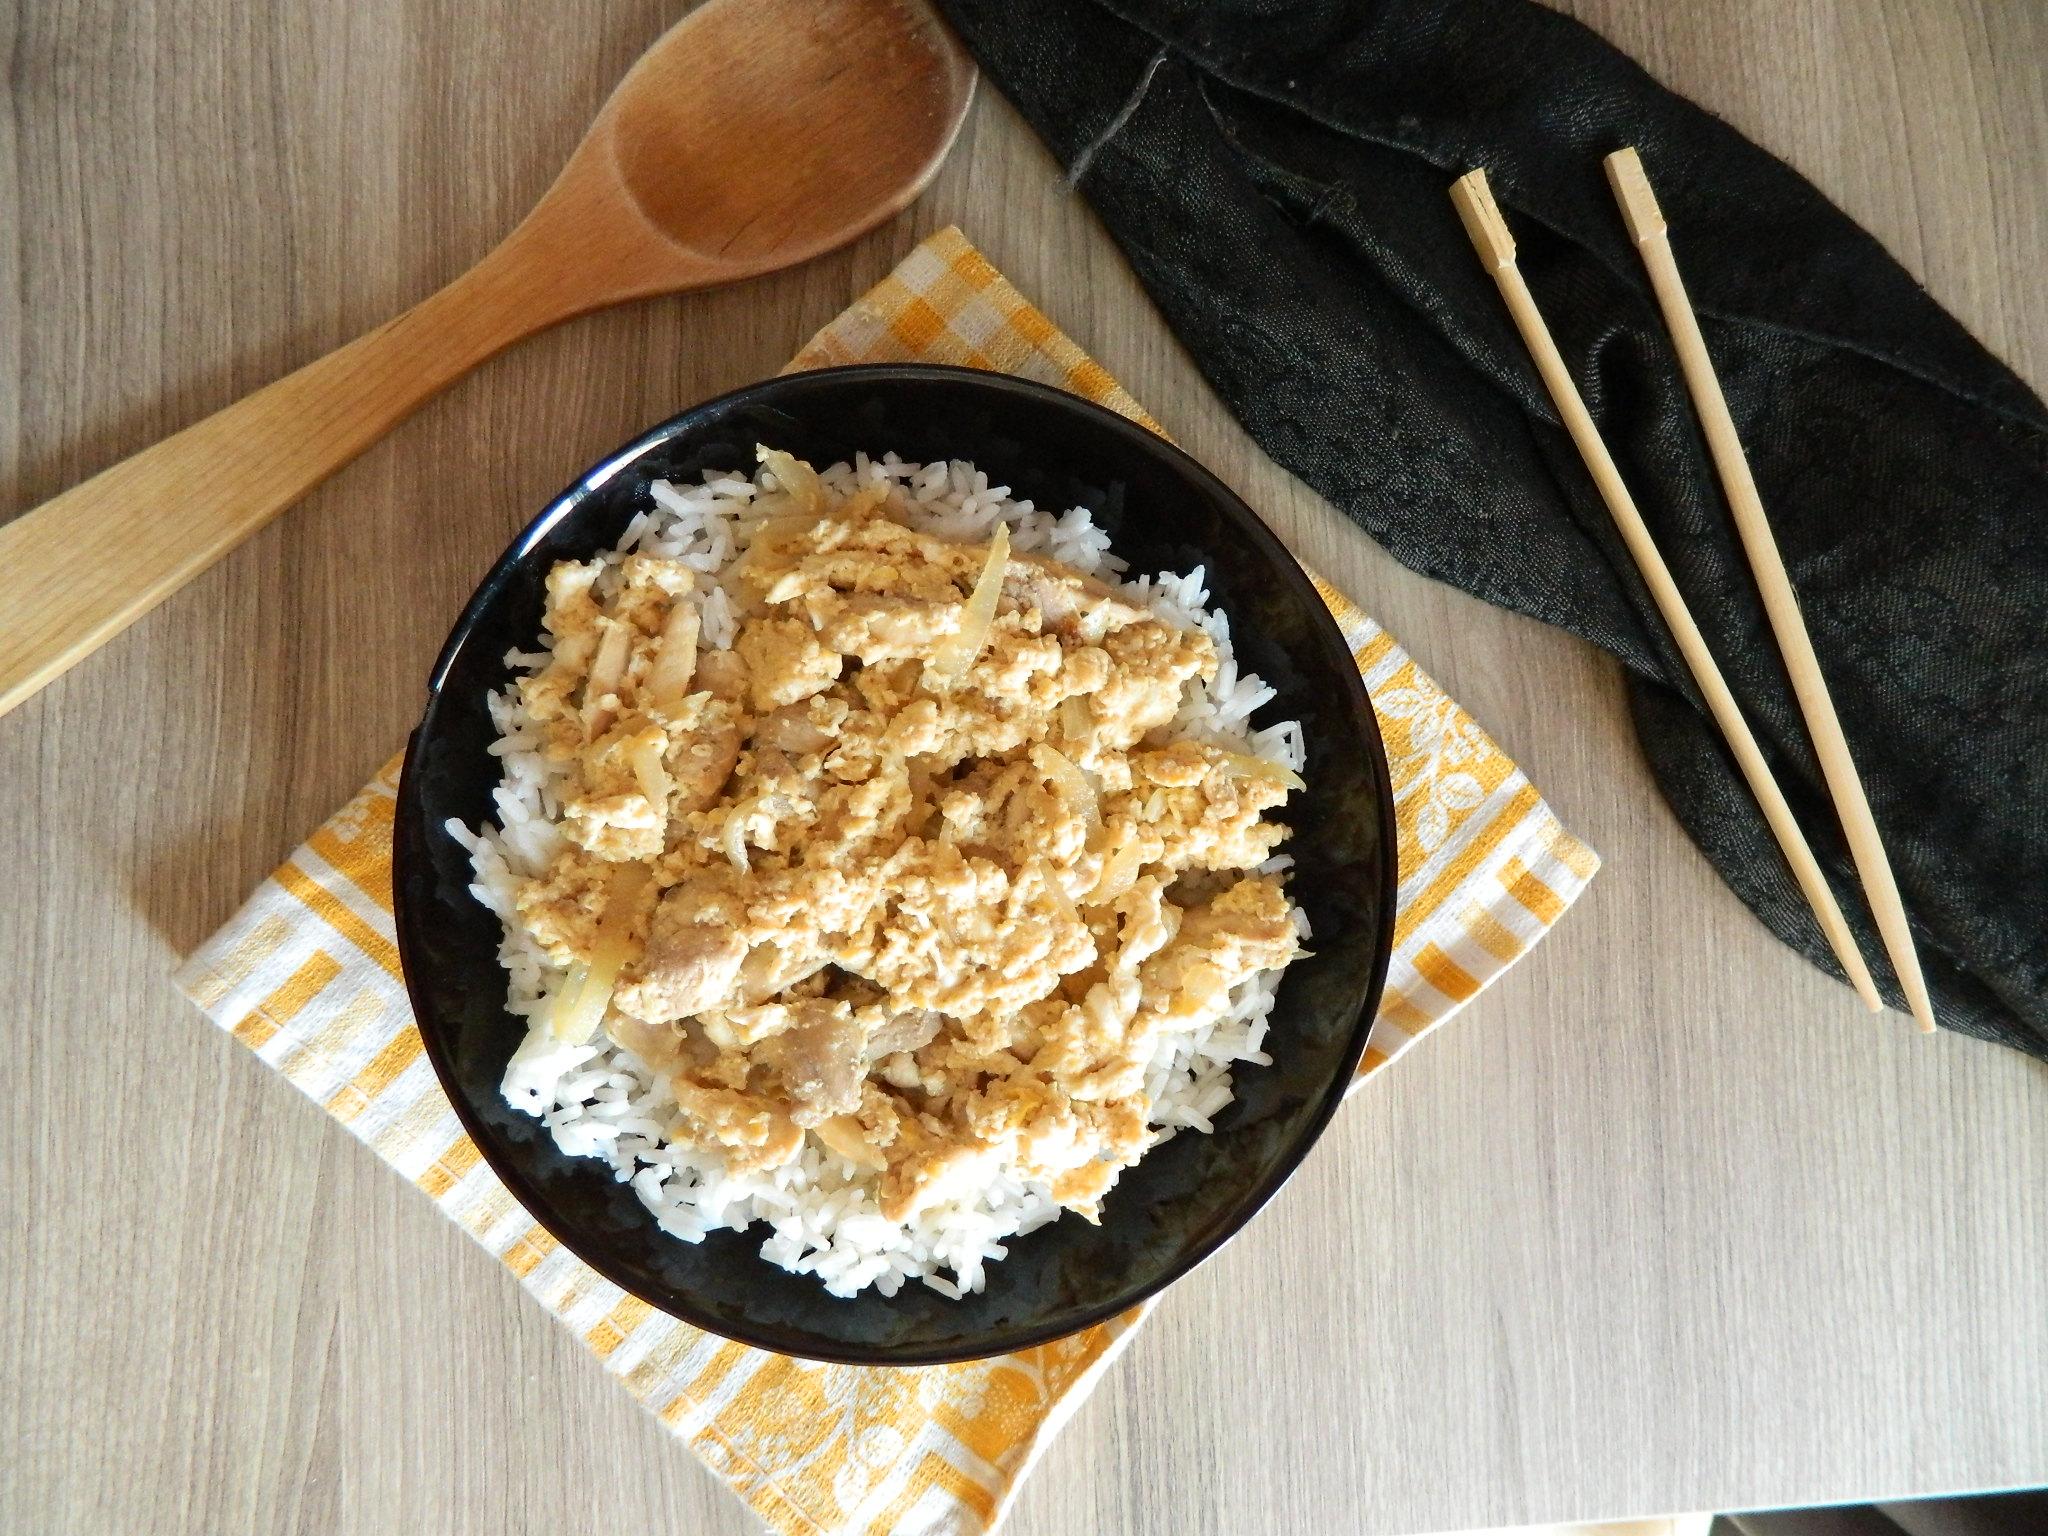 oyakodon. Oyakodon: Arroz con pollo y huevo